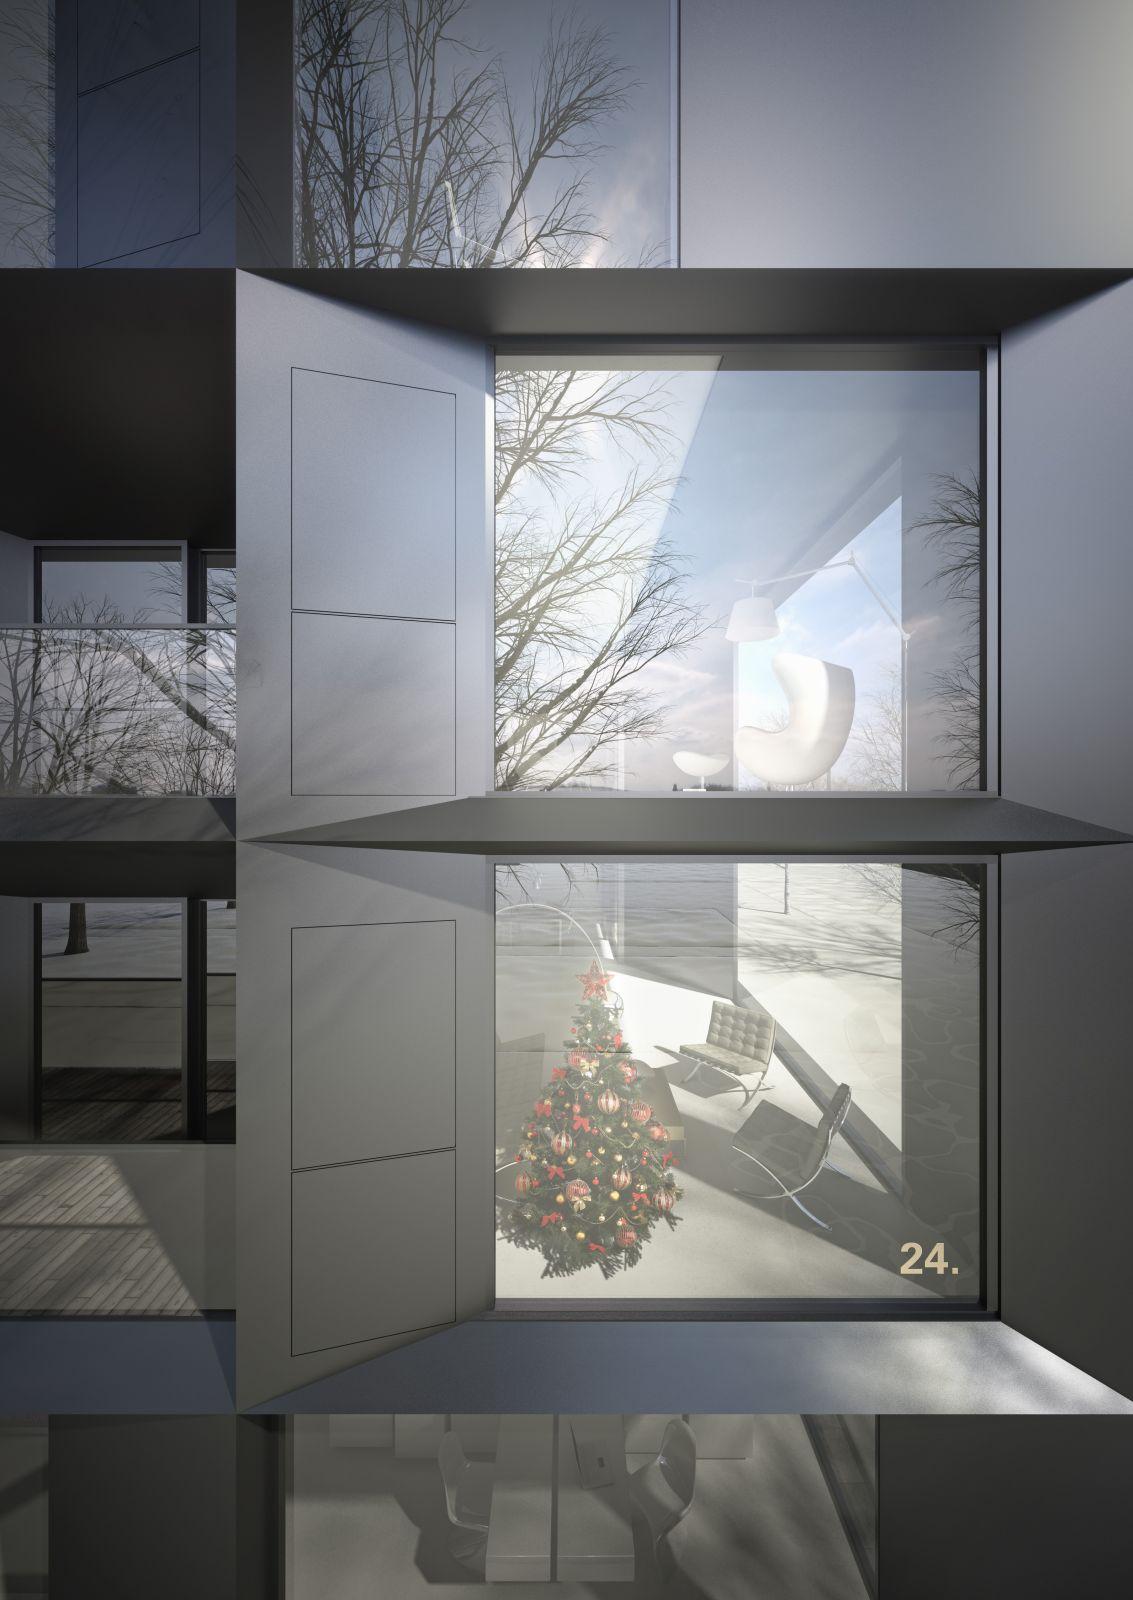 LUX Berlin Mitte | ZIEGERT – Bank- und Immobilienconsulting GmbH ...